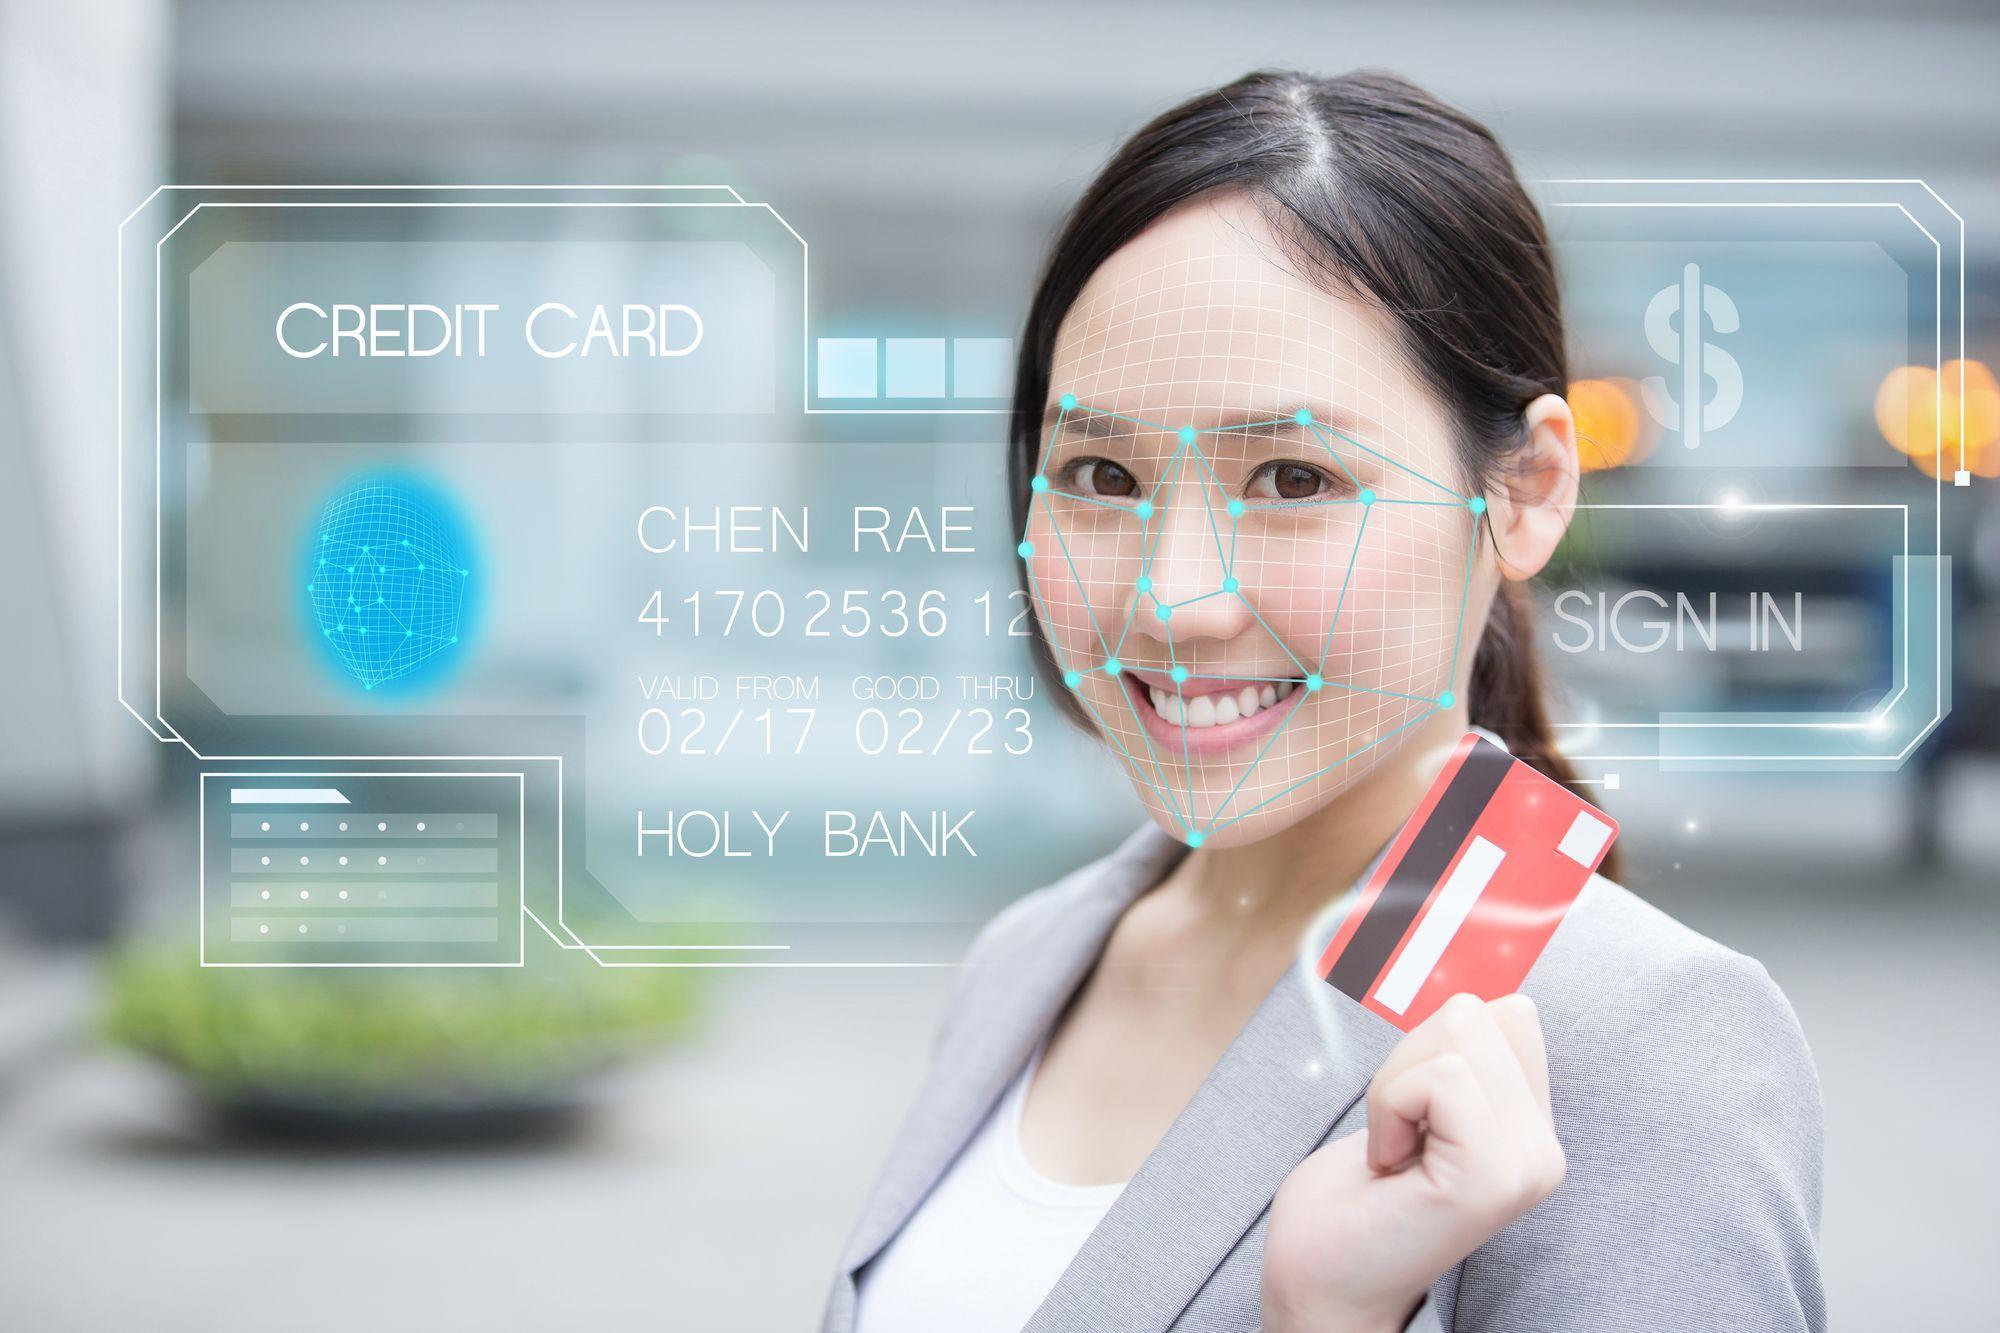 【次世代型クレジットカード】ソフトバンクとDynamicsが2019以降に日本展開を開始予定!